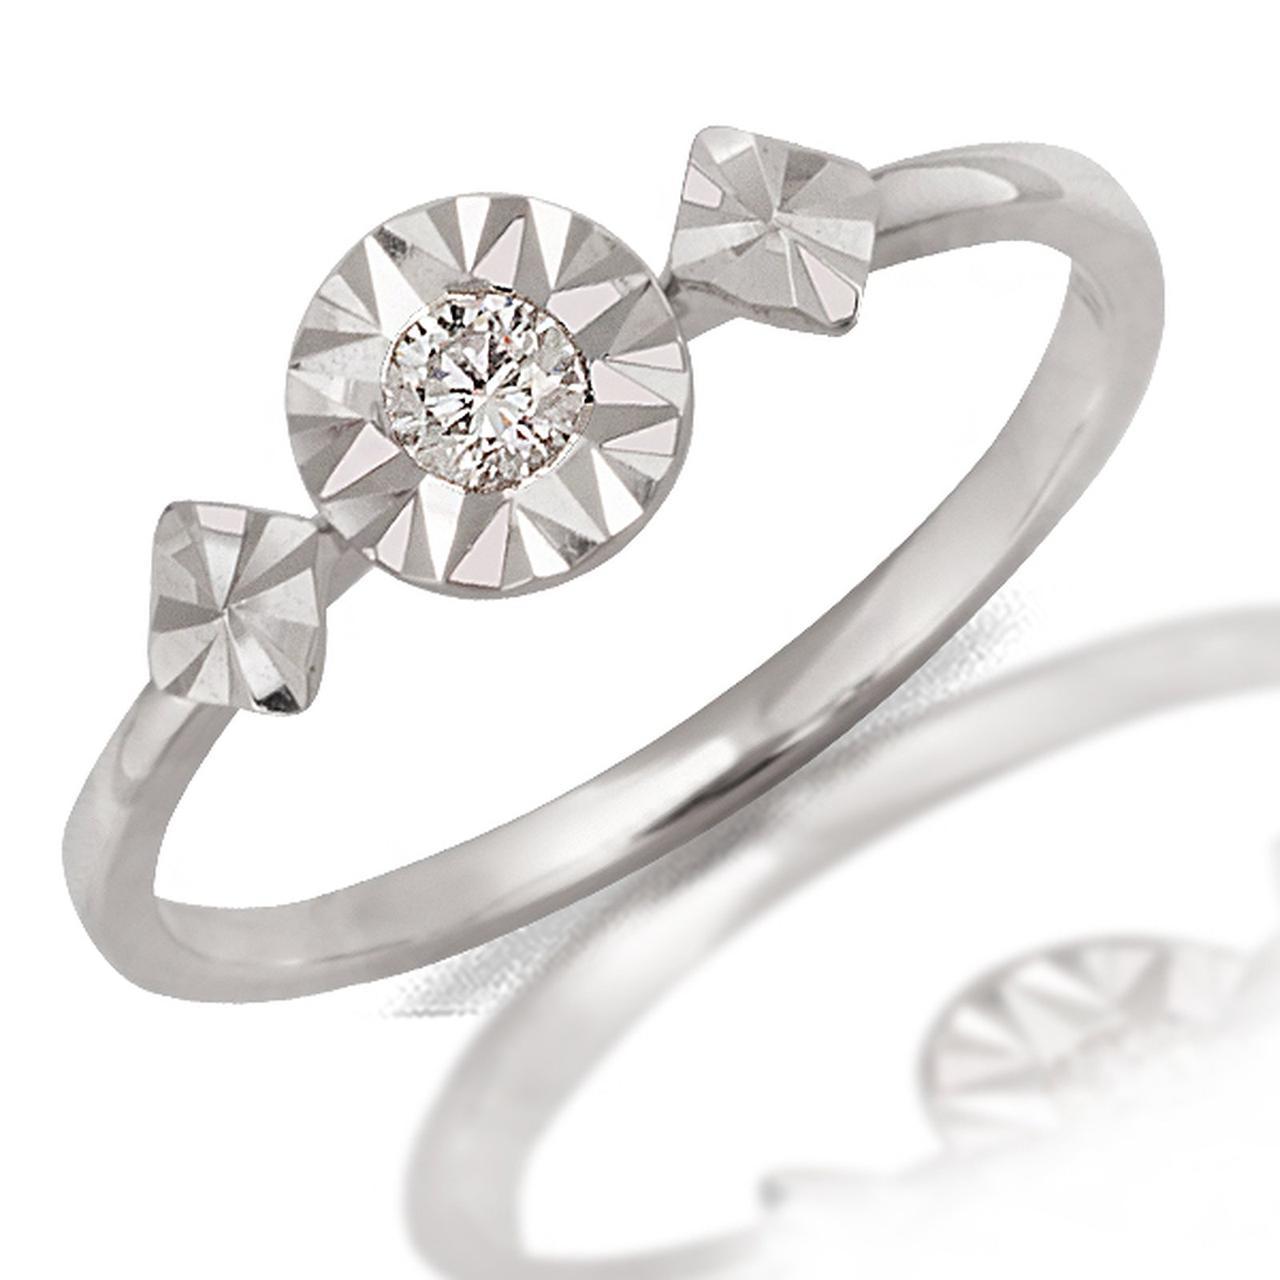 Золотое кольцо с бриллиантом, размер 16.5 (046760)